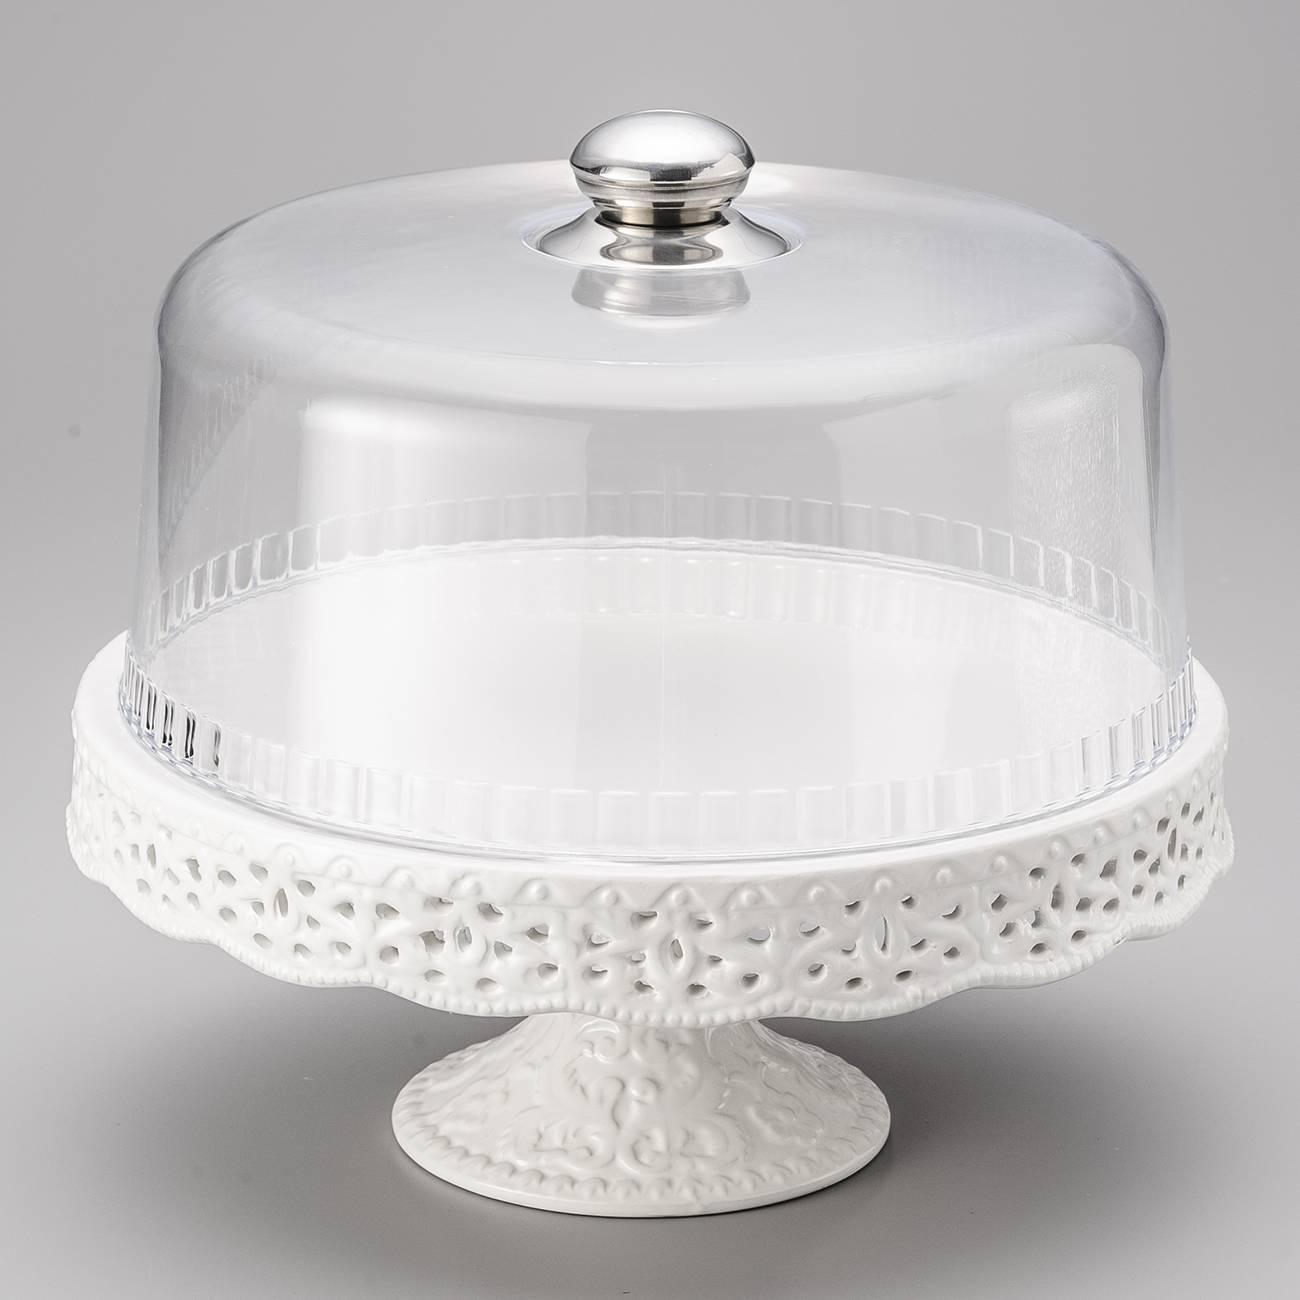 Prato para Bolo Penélope Rendado Branco Pedestal com Tampa - 32 cm